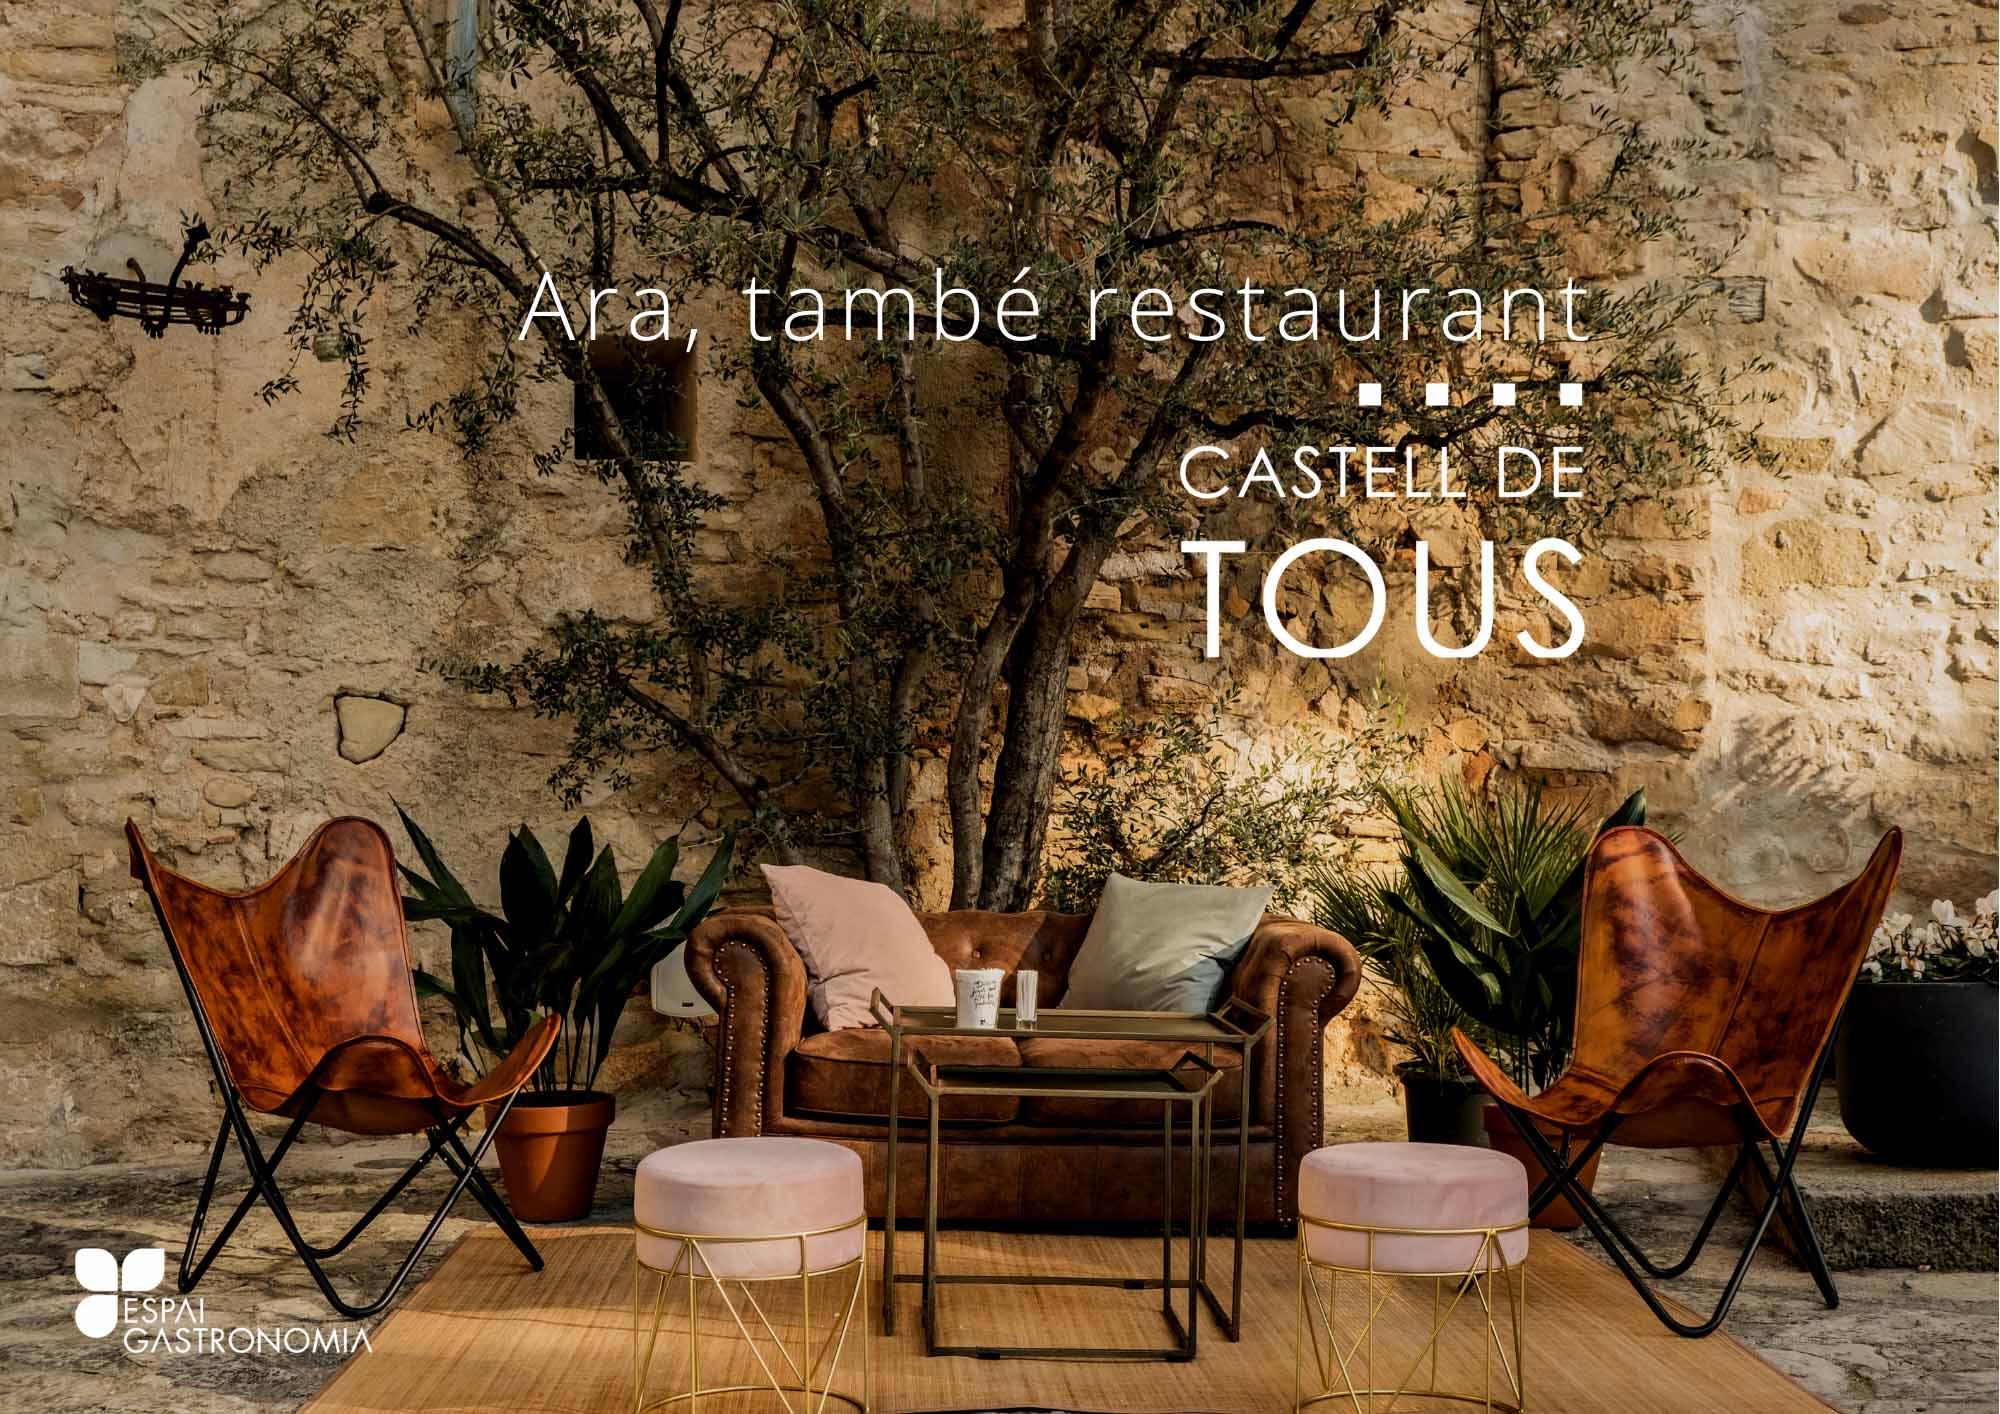 Restaurant del Castell de Tous